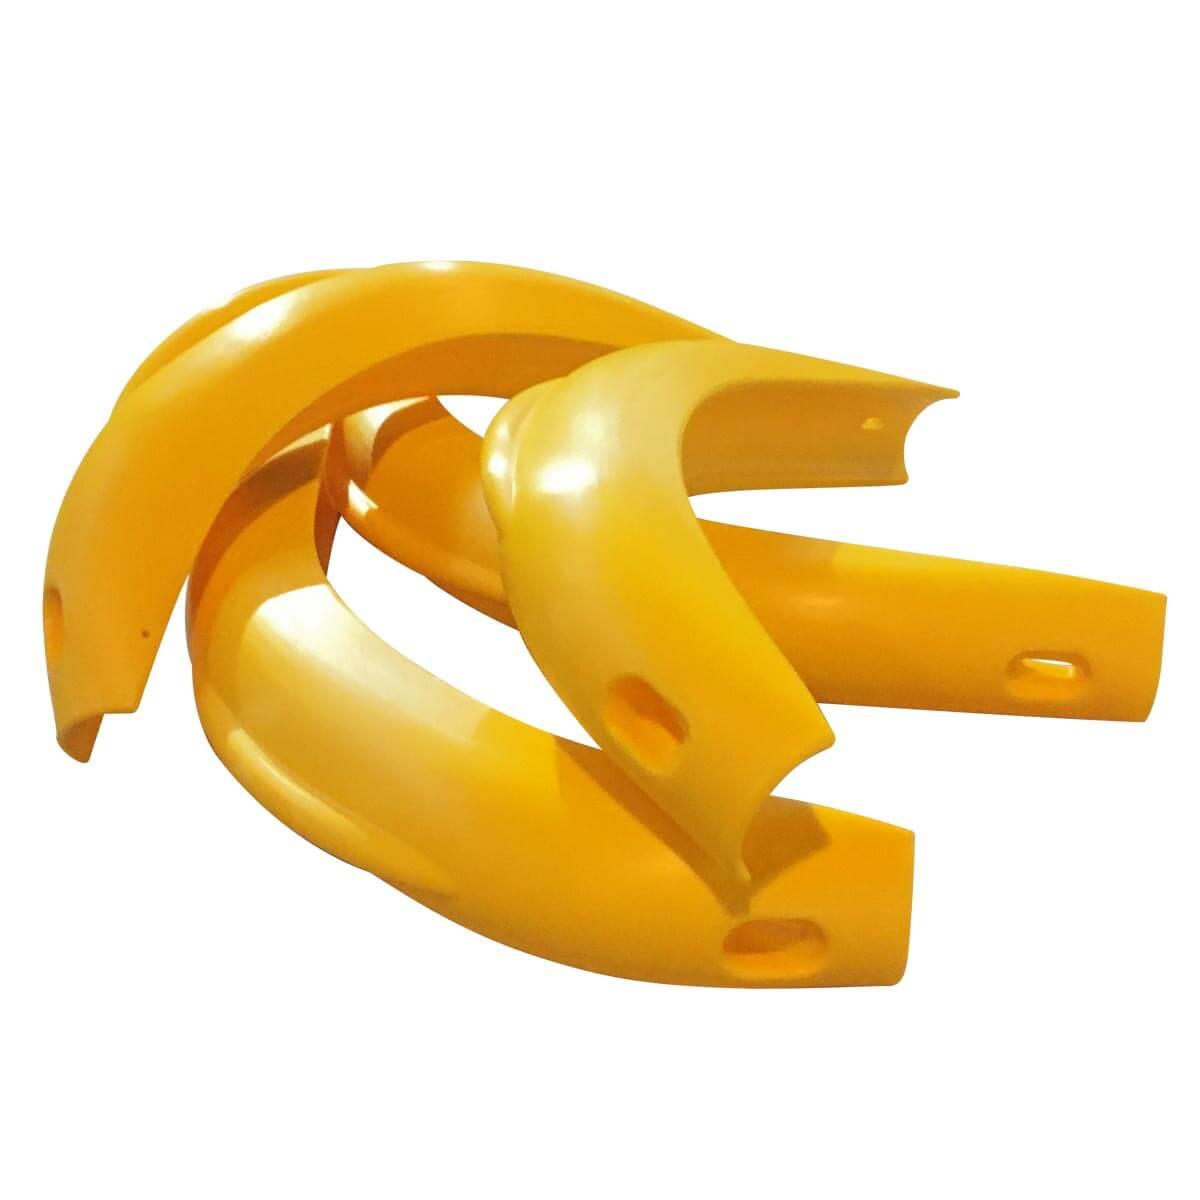 ho pedalo accessori paracolpi gialli polietine eurotank